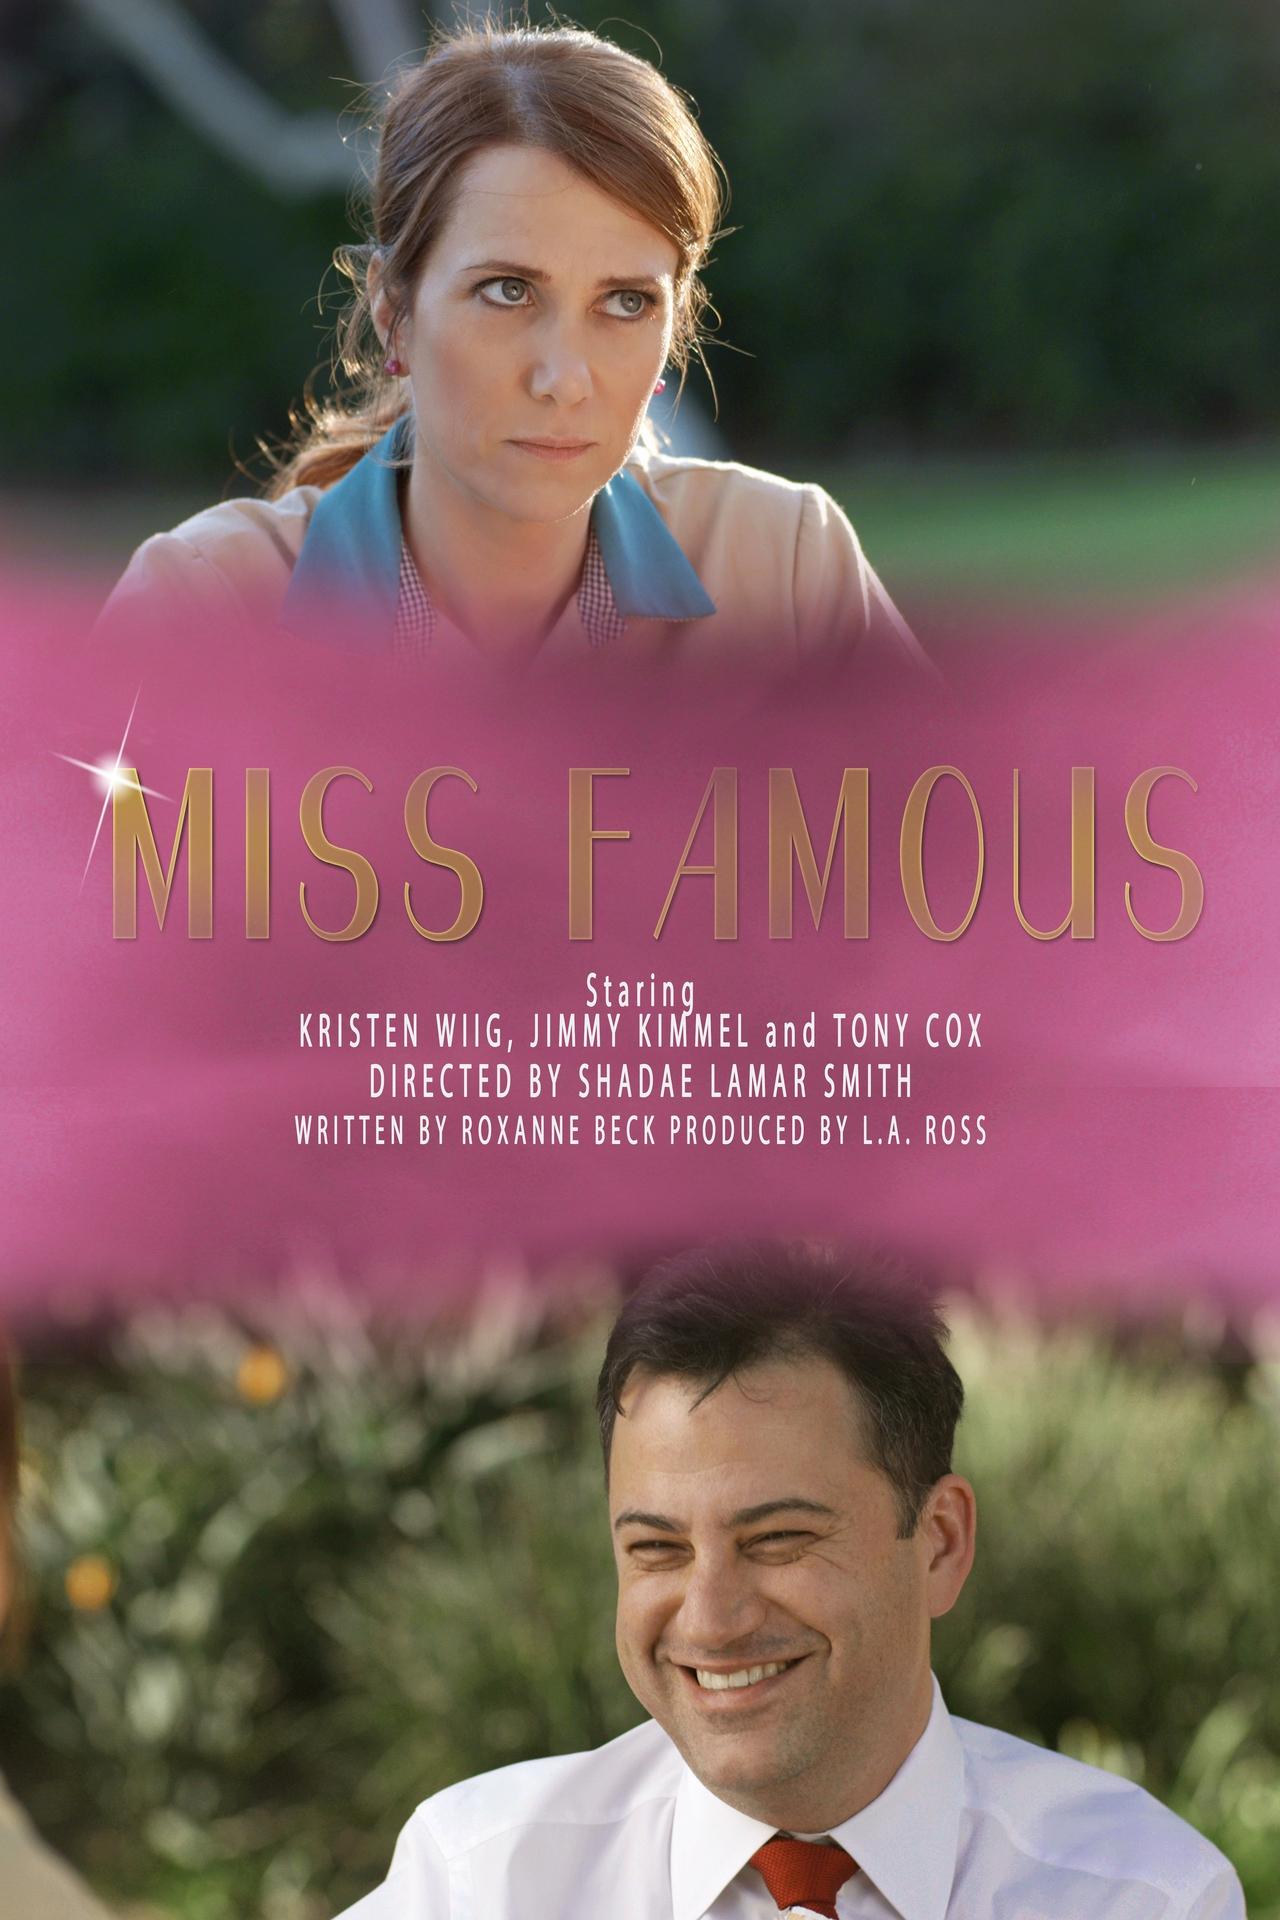 فیلم سینمایی Miss Famous به کارگردانی Shadae Lamar Smith